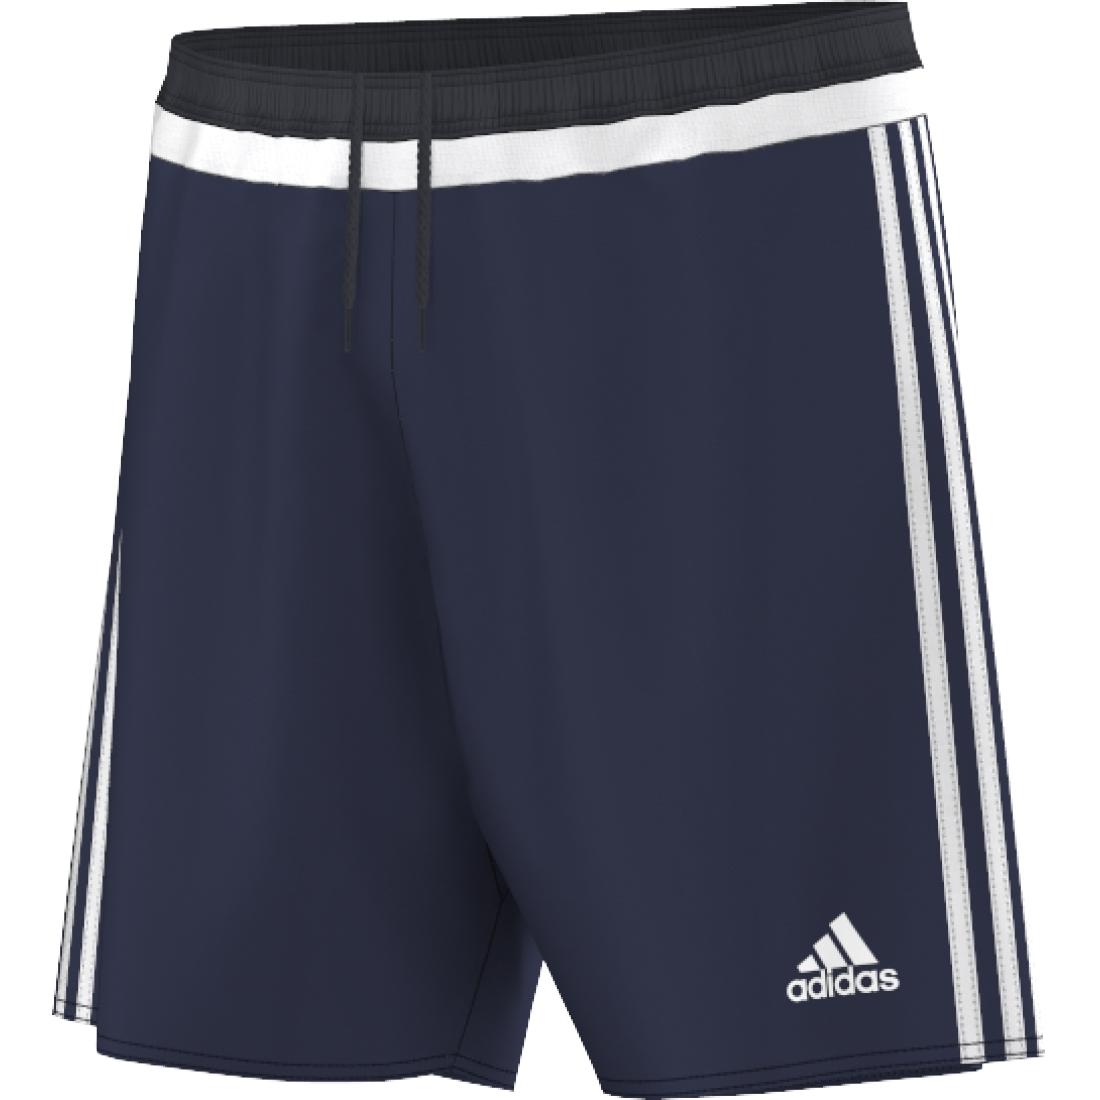 Image of   Adidas Campeon 15 shorts- i flere forskellige farver